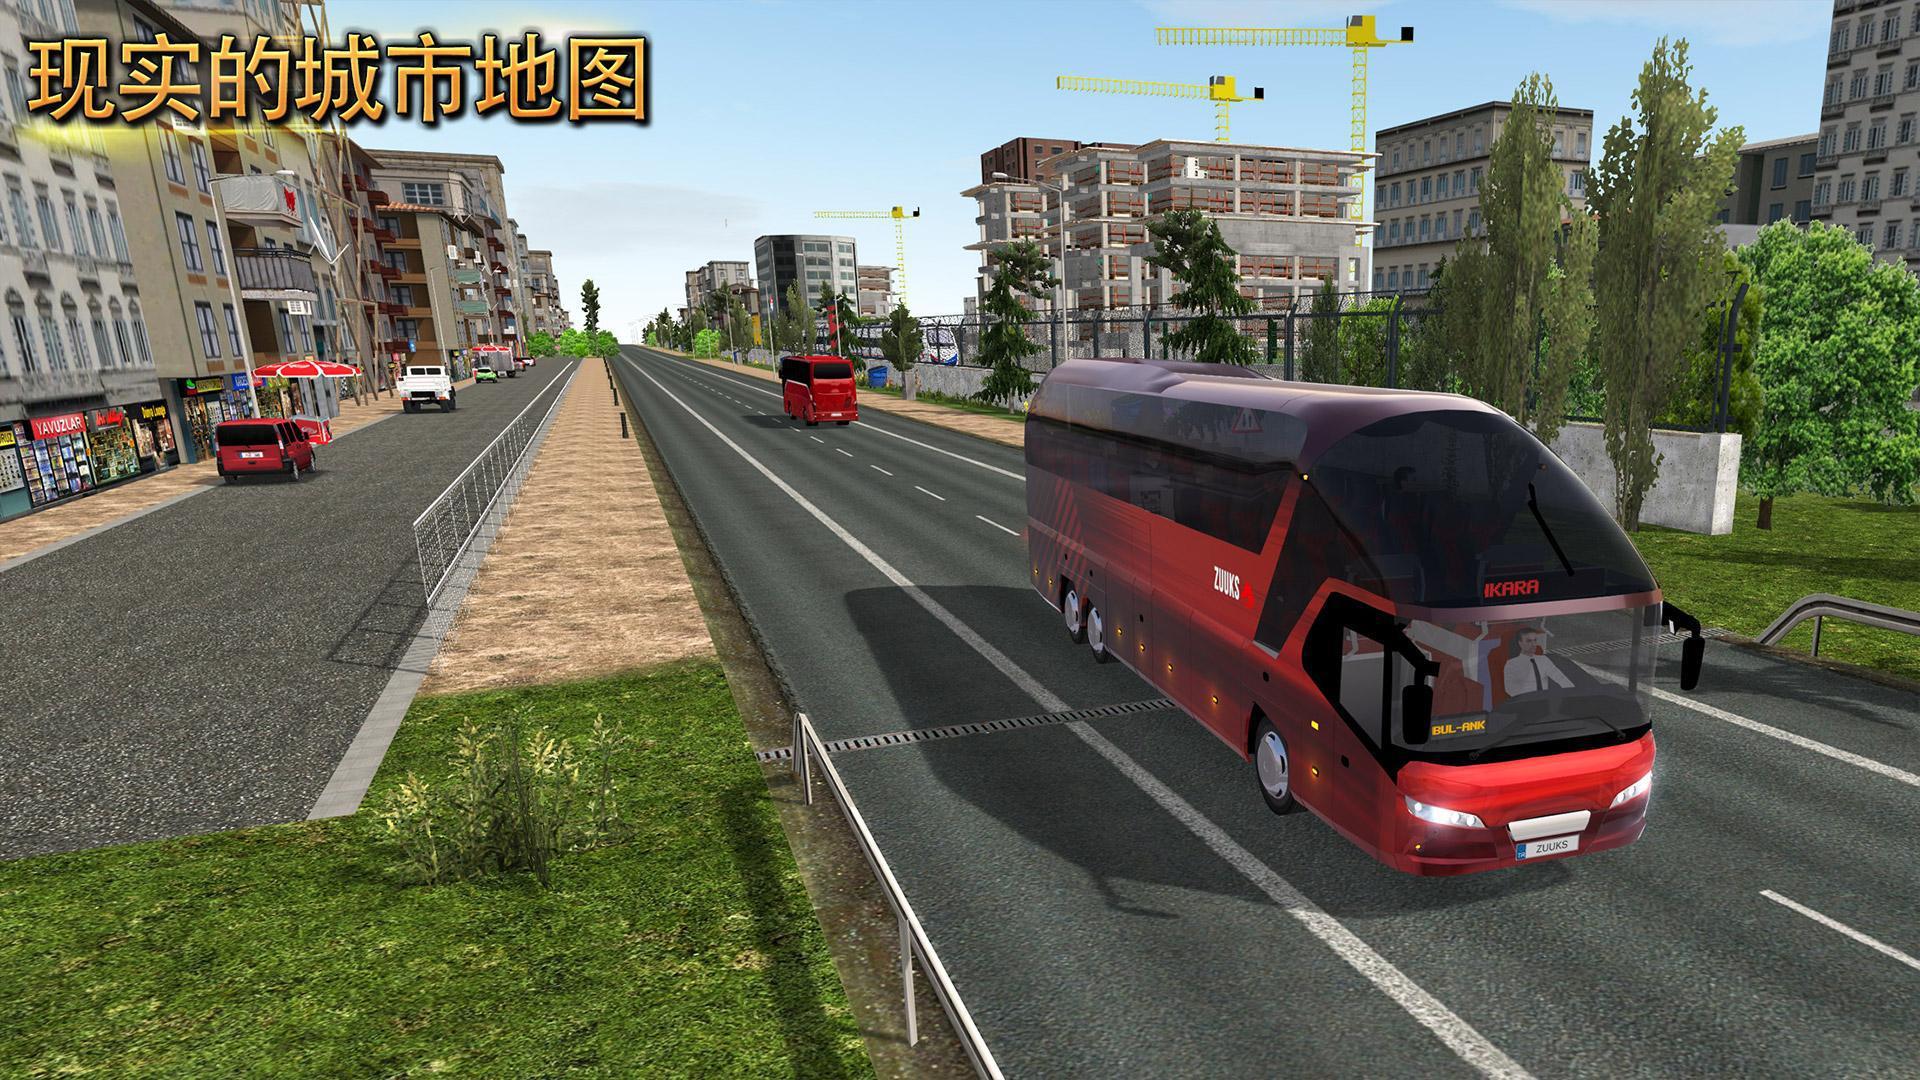 公交车模拟器 : Ultimate 游戏截图5